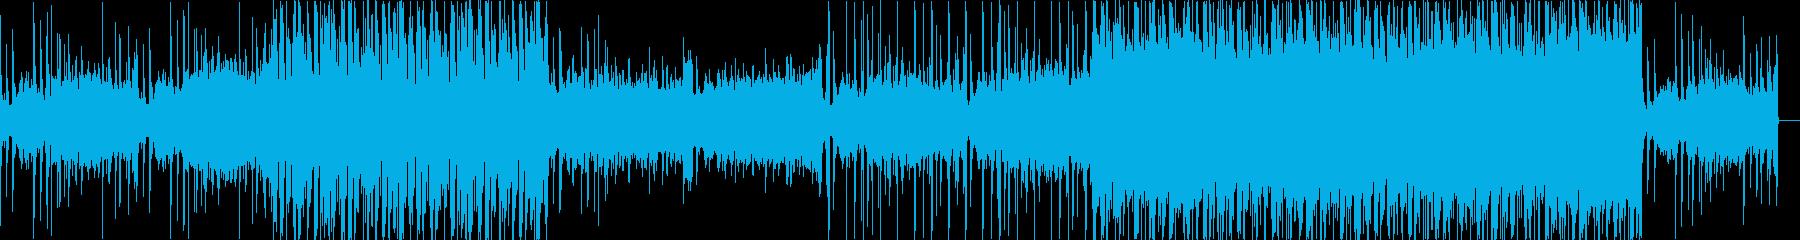 エレクトロ、おしゃれ、大人っぽいの再生済みの波形